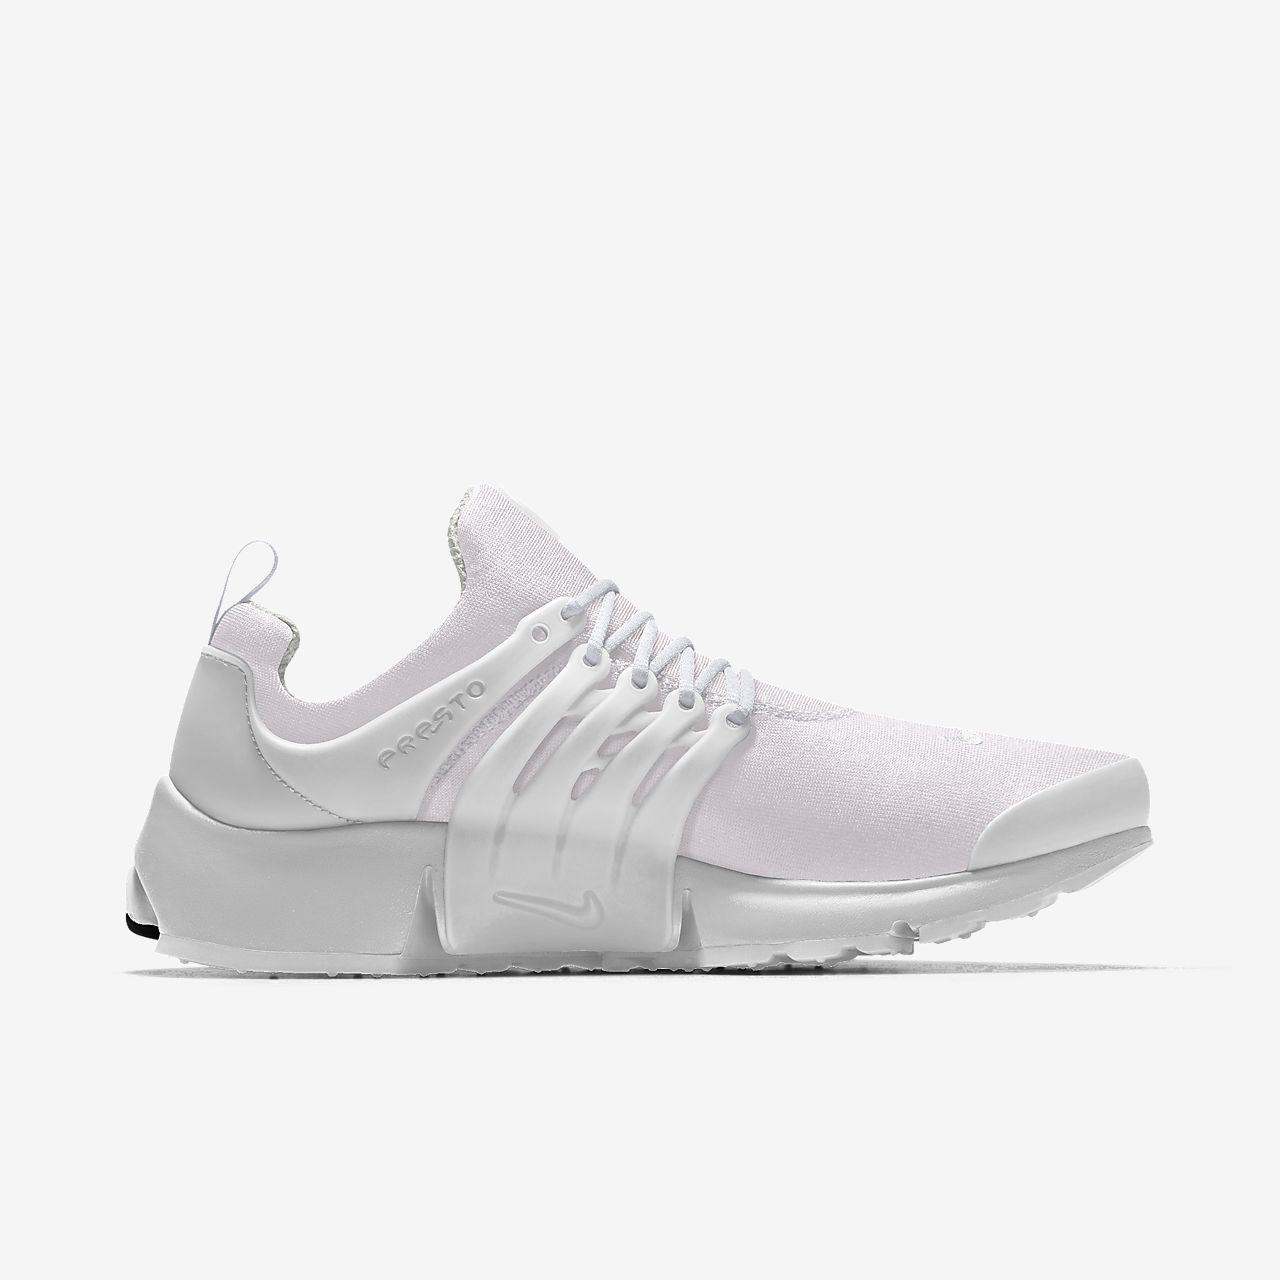 Nike Air Presto By You Zapatillas personalizables Hombre